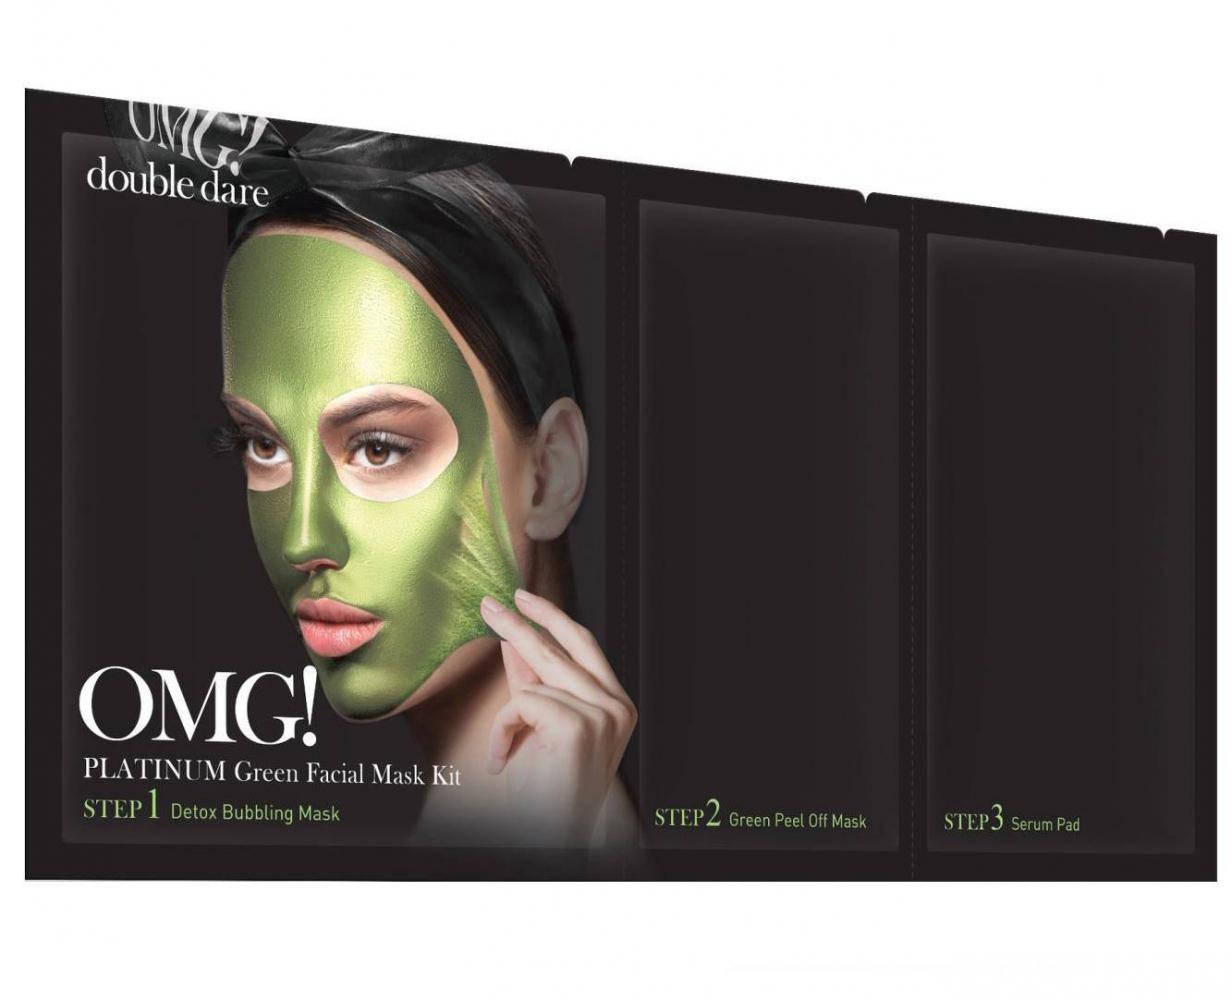 Трехшаговая Маска Очищающая С Экстрактом Ламинарии Double Dare OMG! 3 in 1 Platinum Green Facial Mask Kit 50g